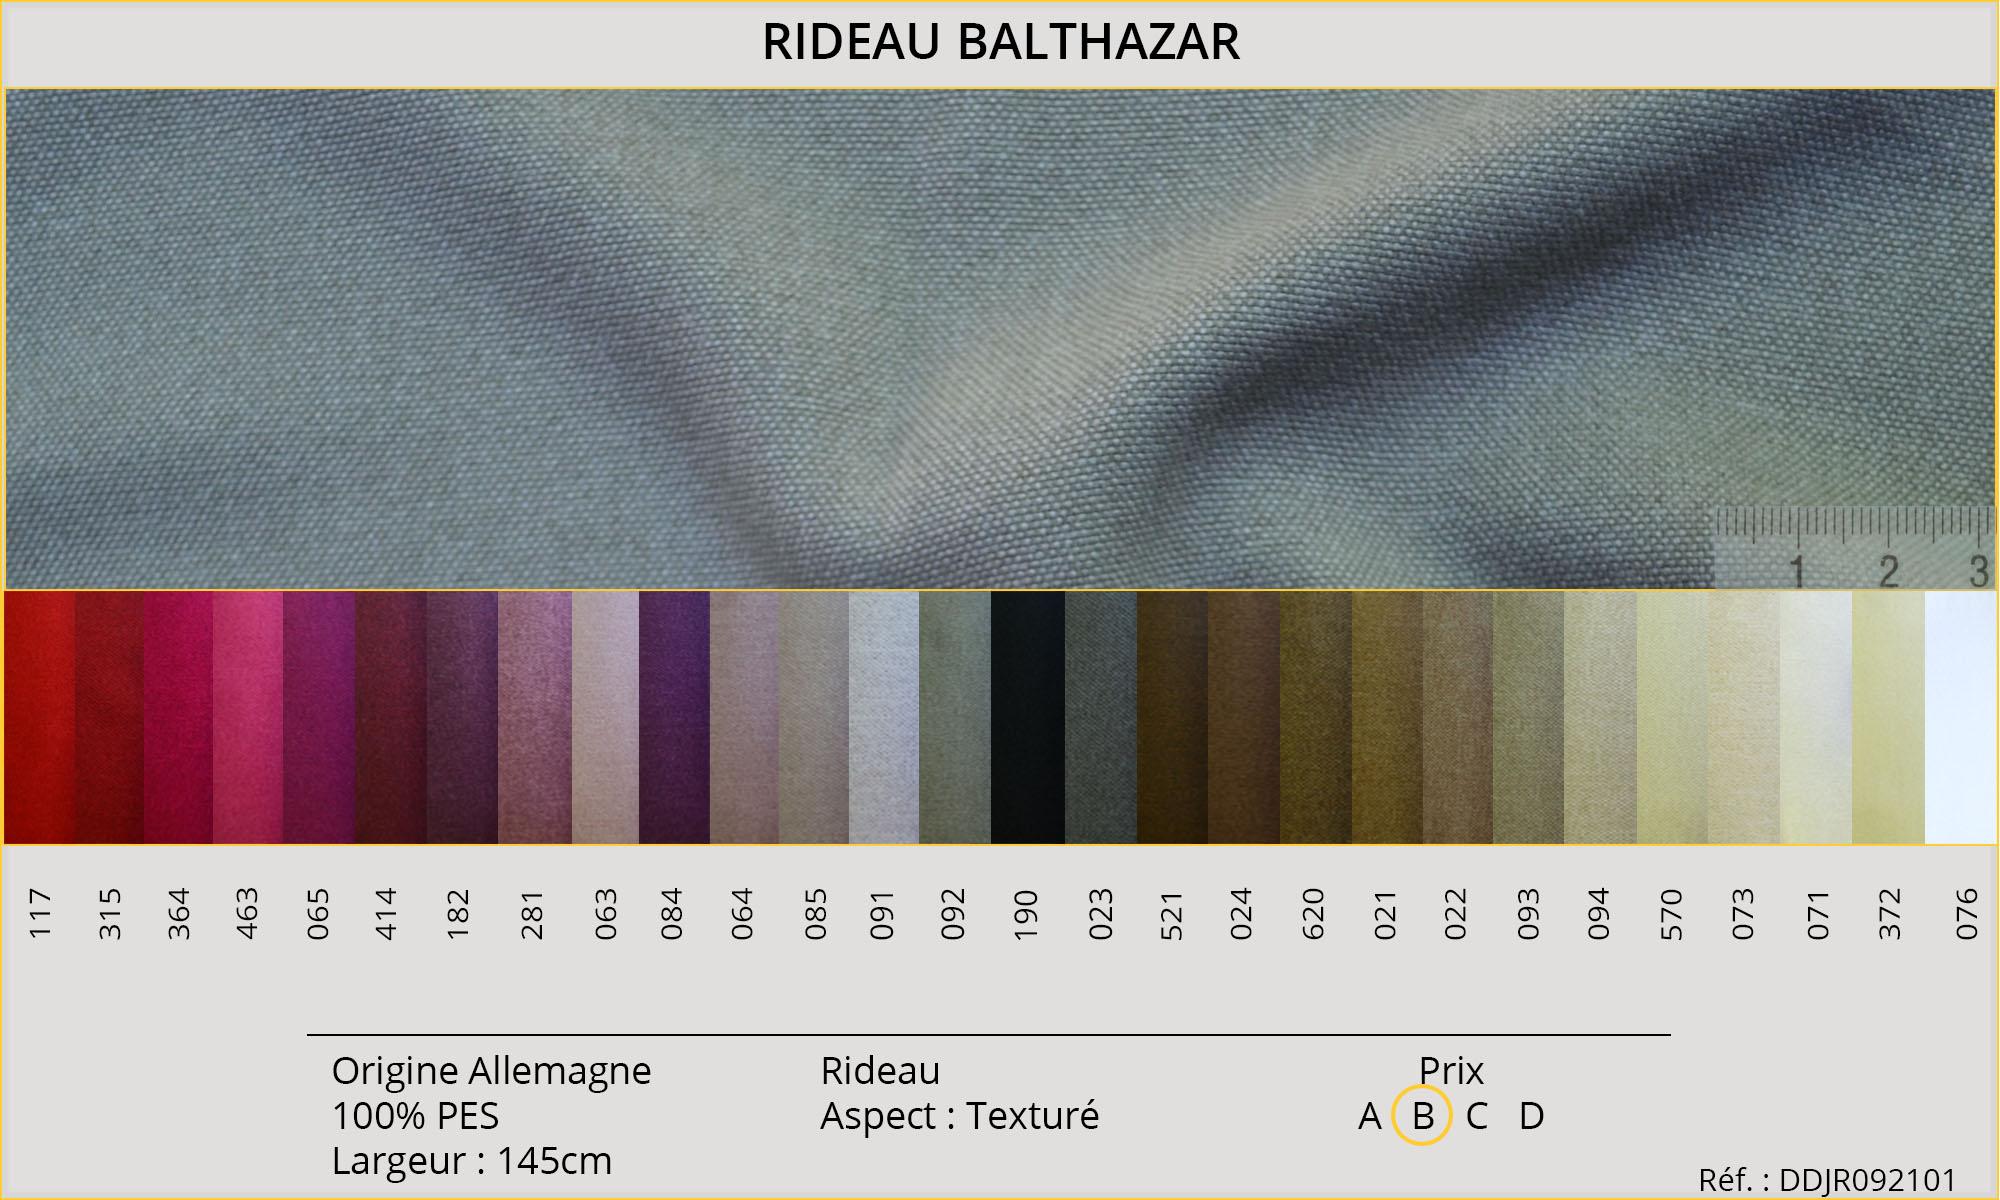 Rideaux-Hôtels Balthazar